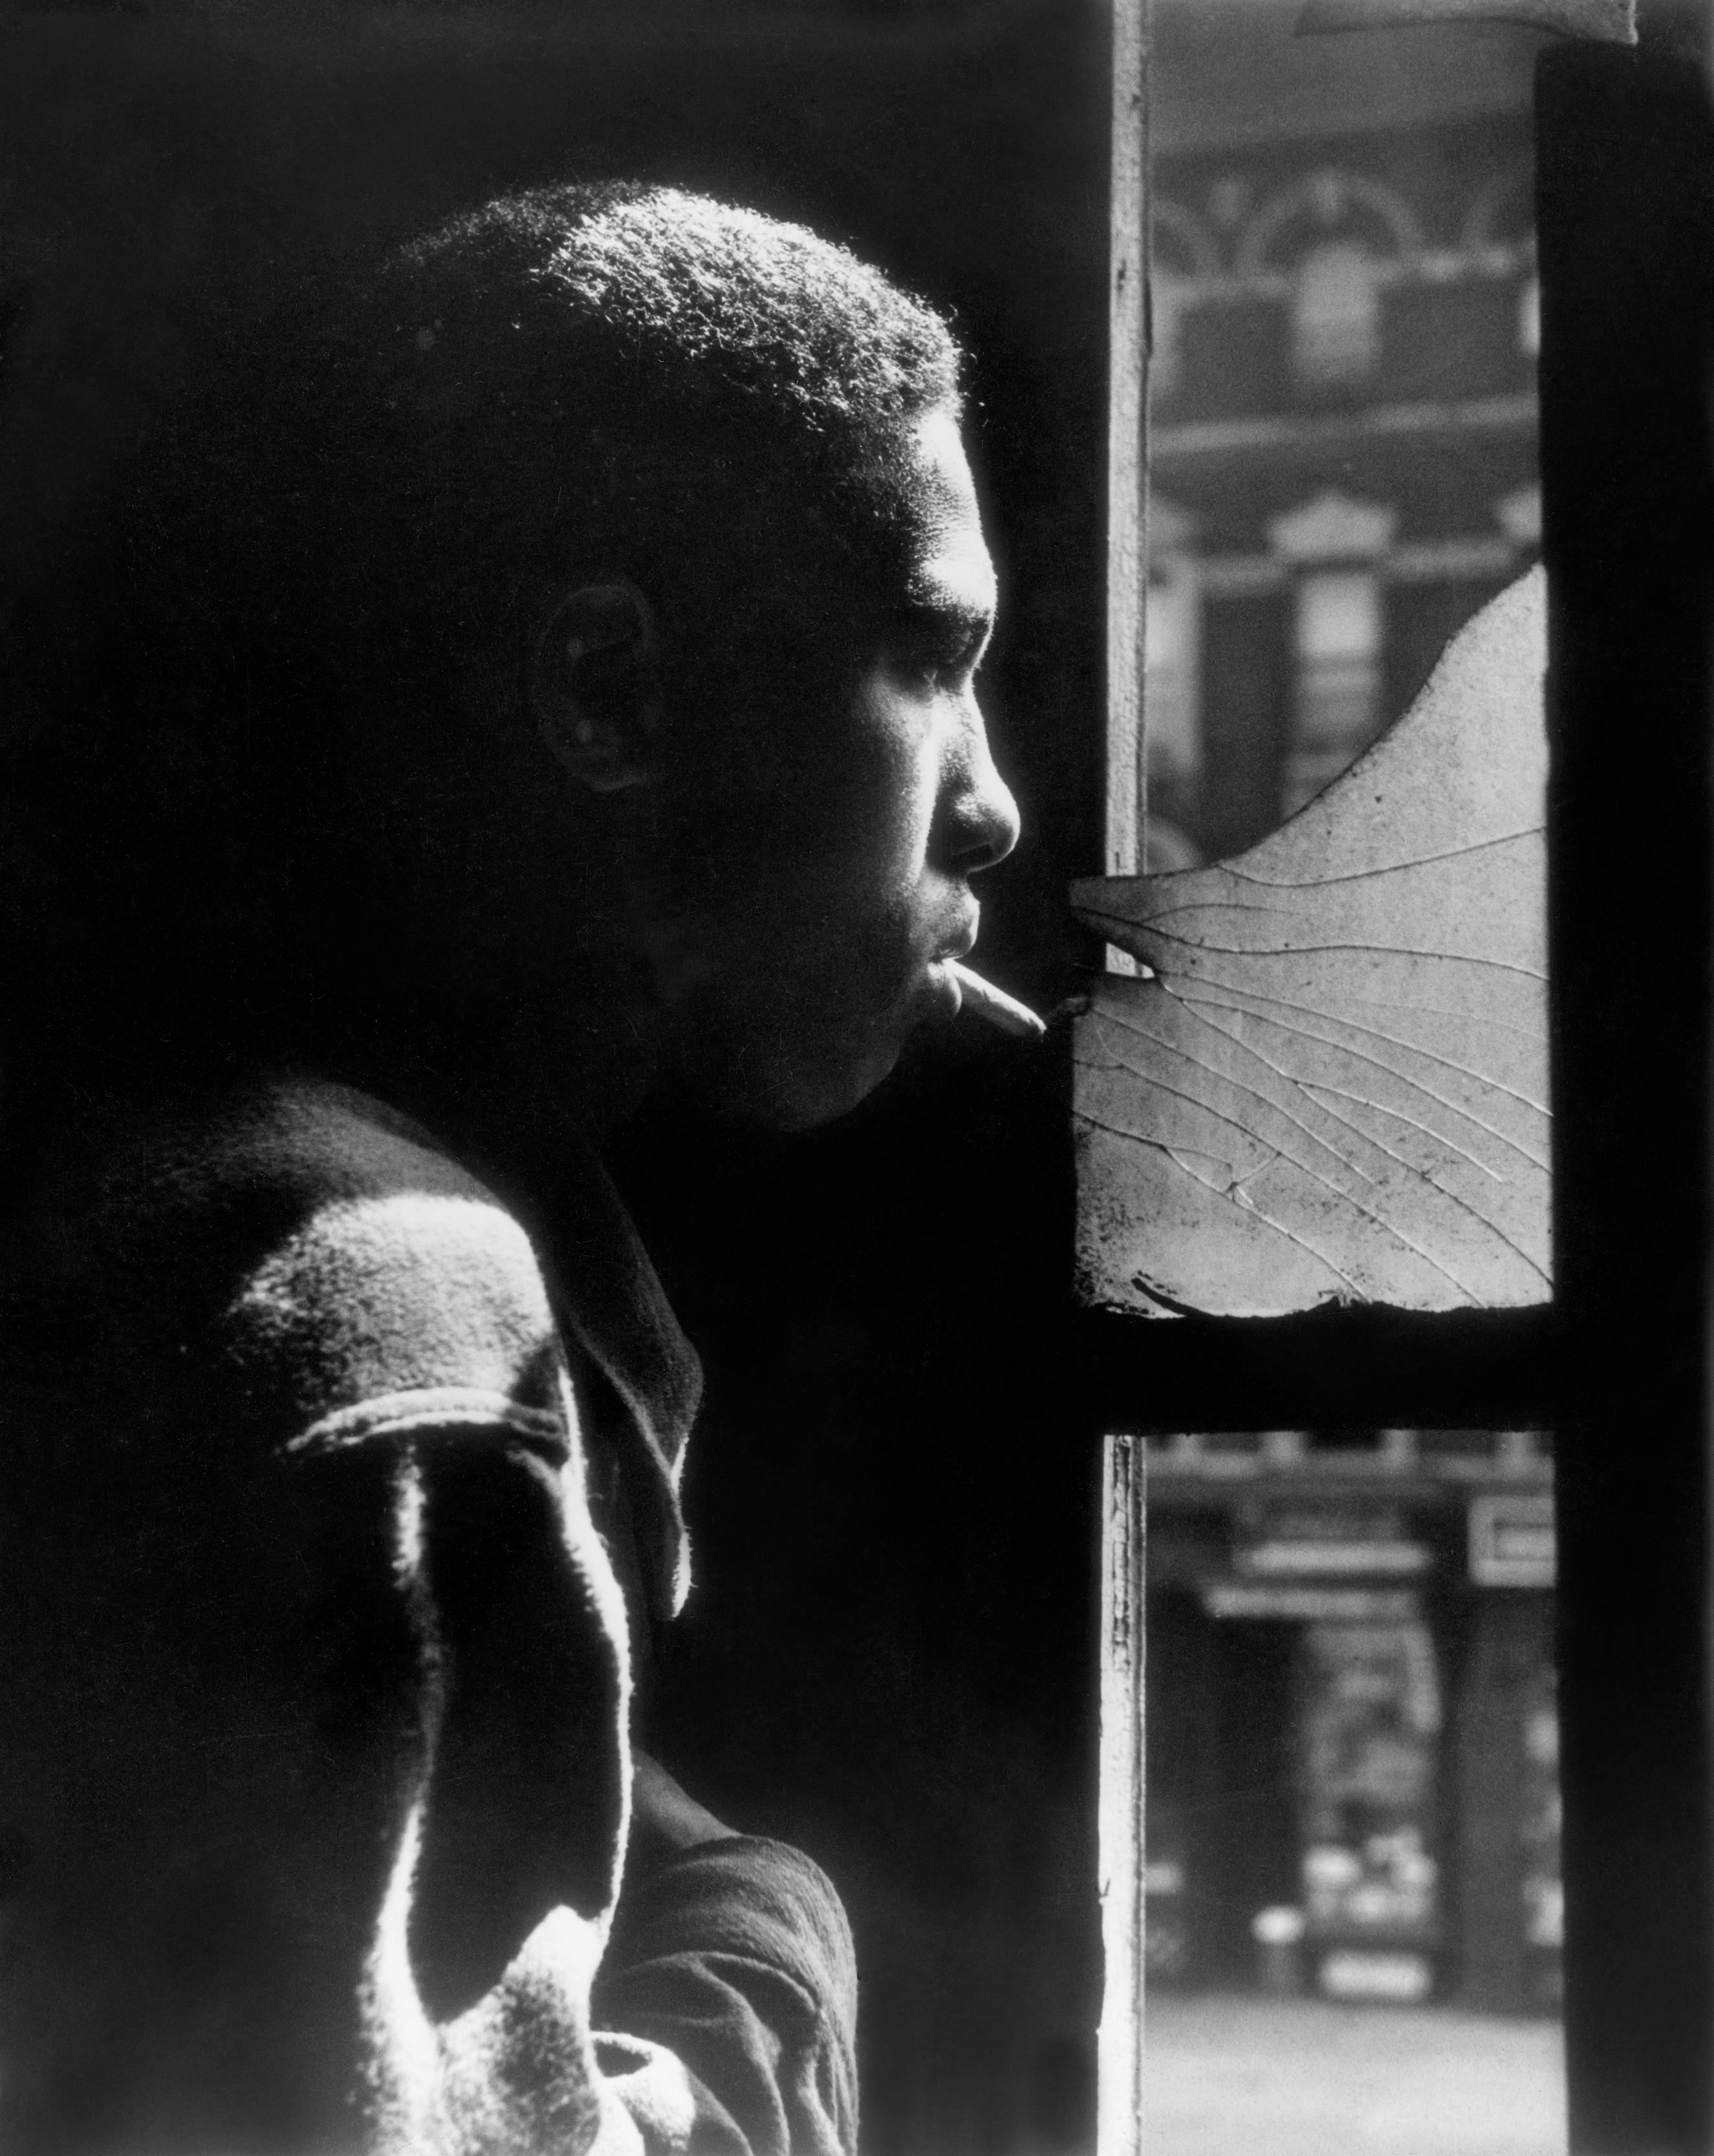 Red Jackson, Harlem, 1948, from Harlem Gang Leader.